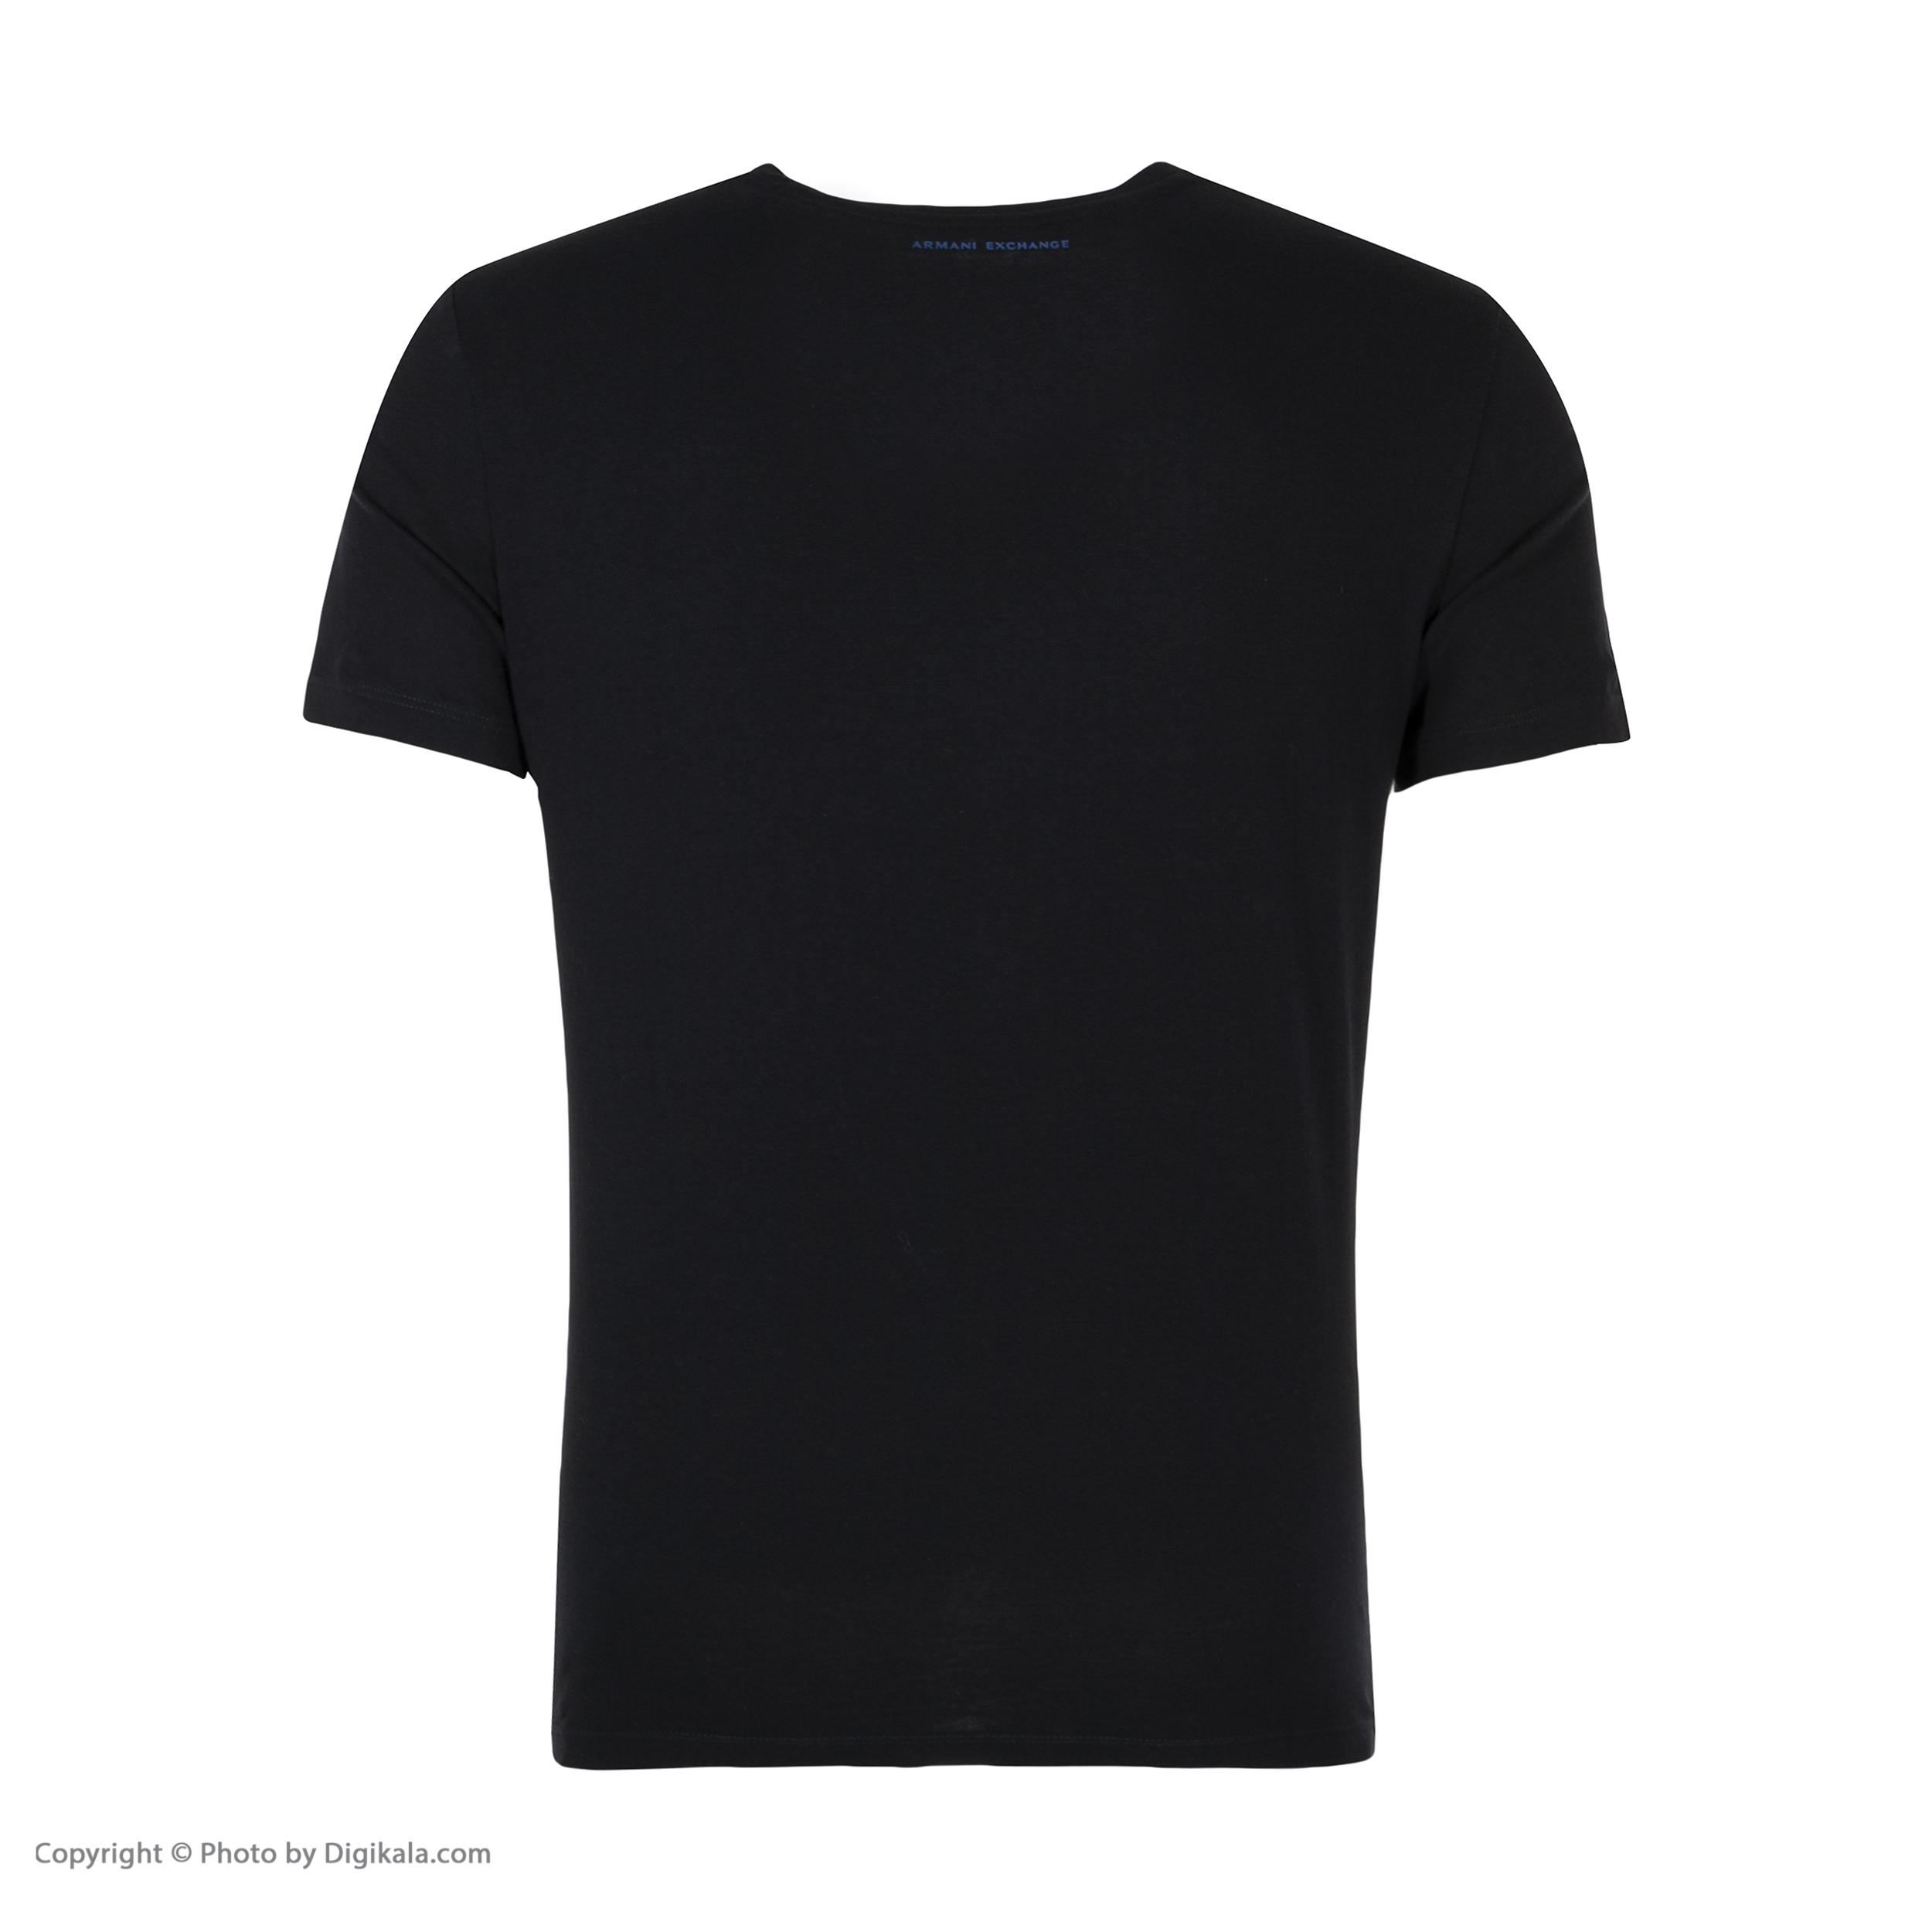 تی شرت مردانه آرمانی اکسچنج مدل 6ZZTBUZJH4Z-15410